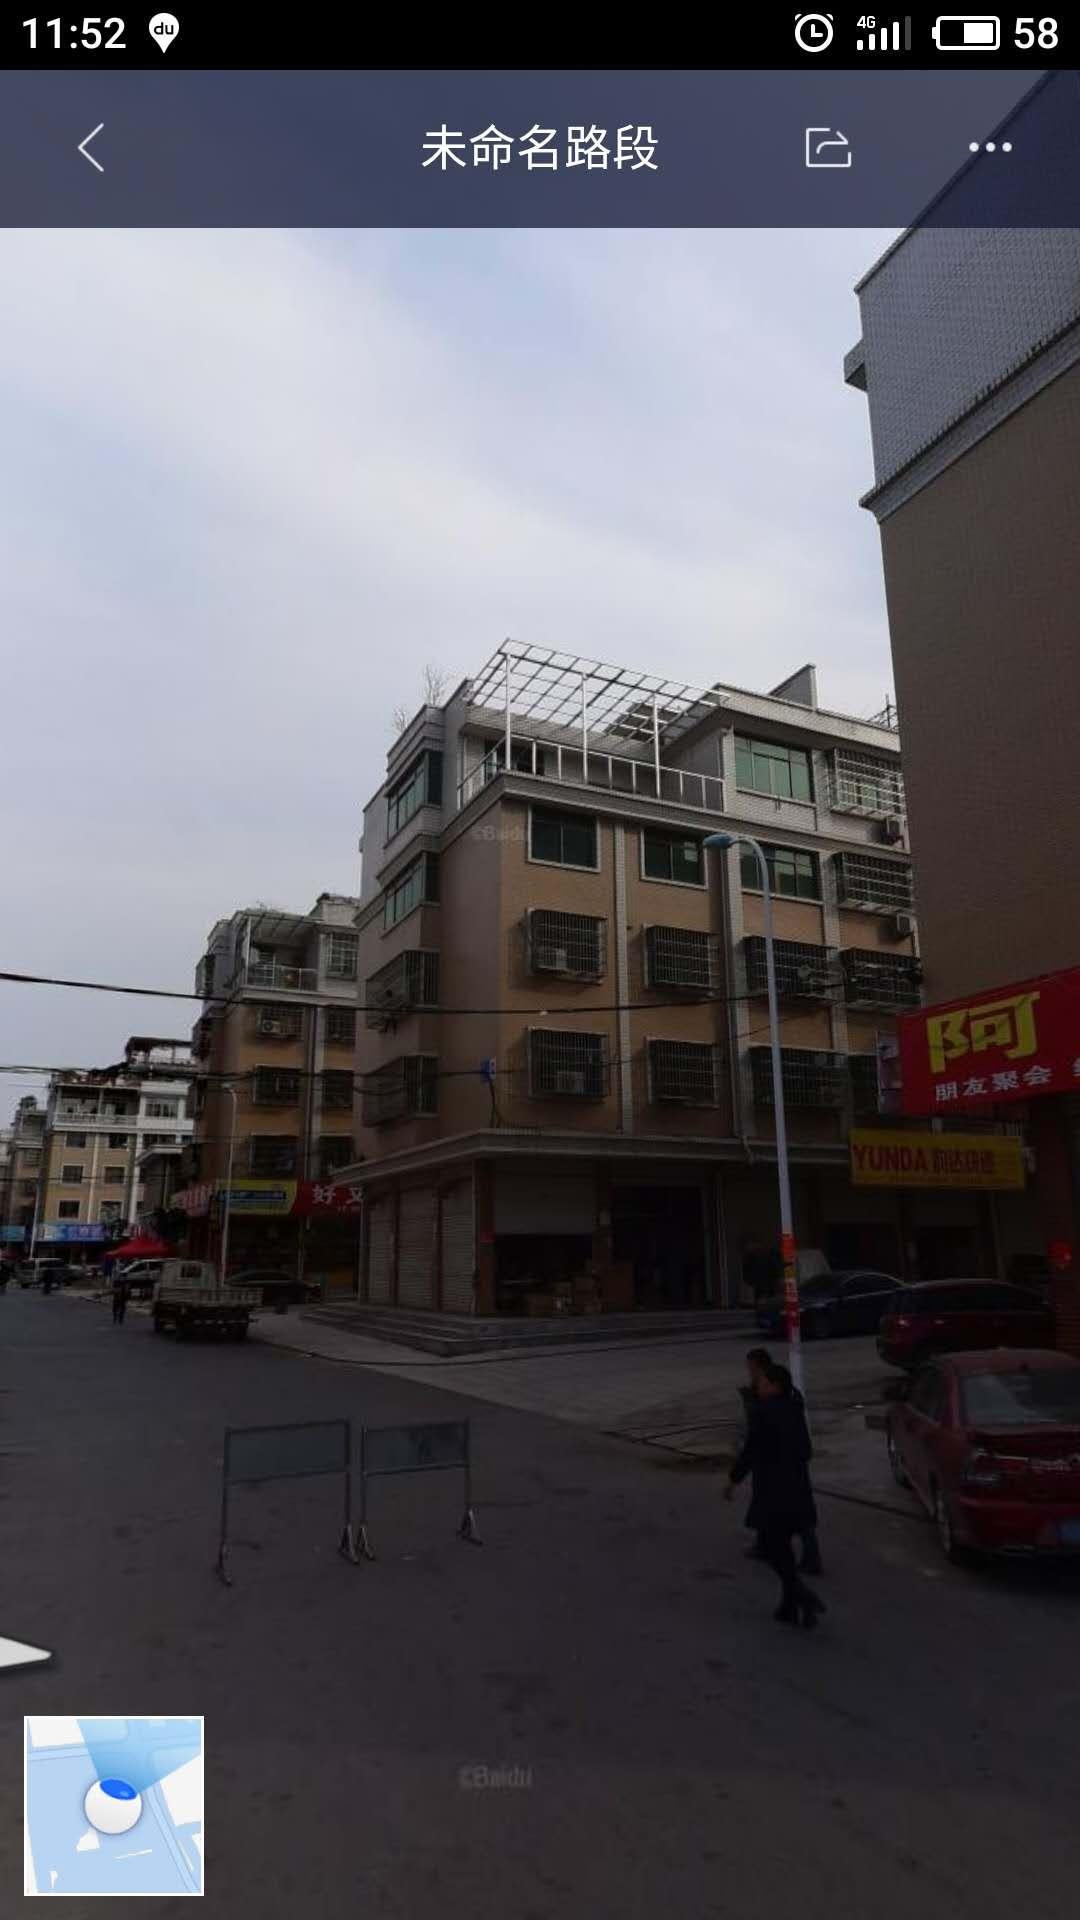 北苑季宅一区96栋一楼店面出租